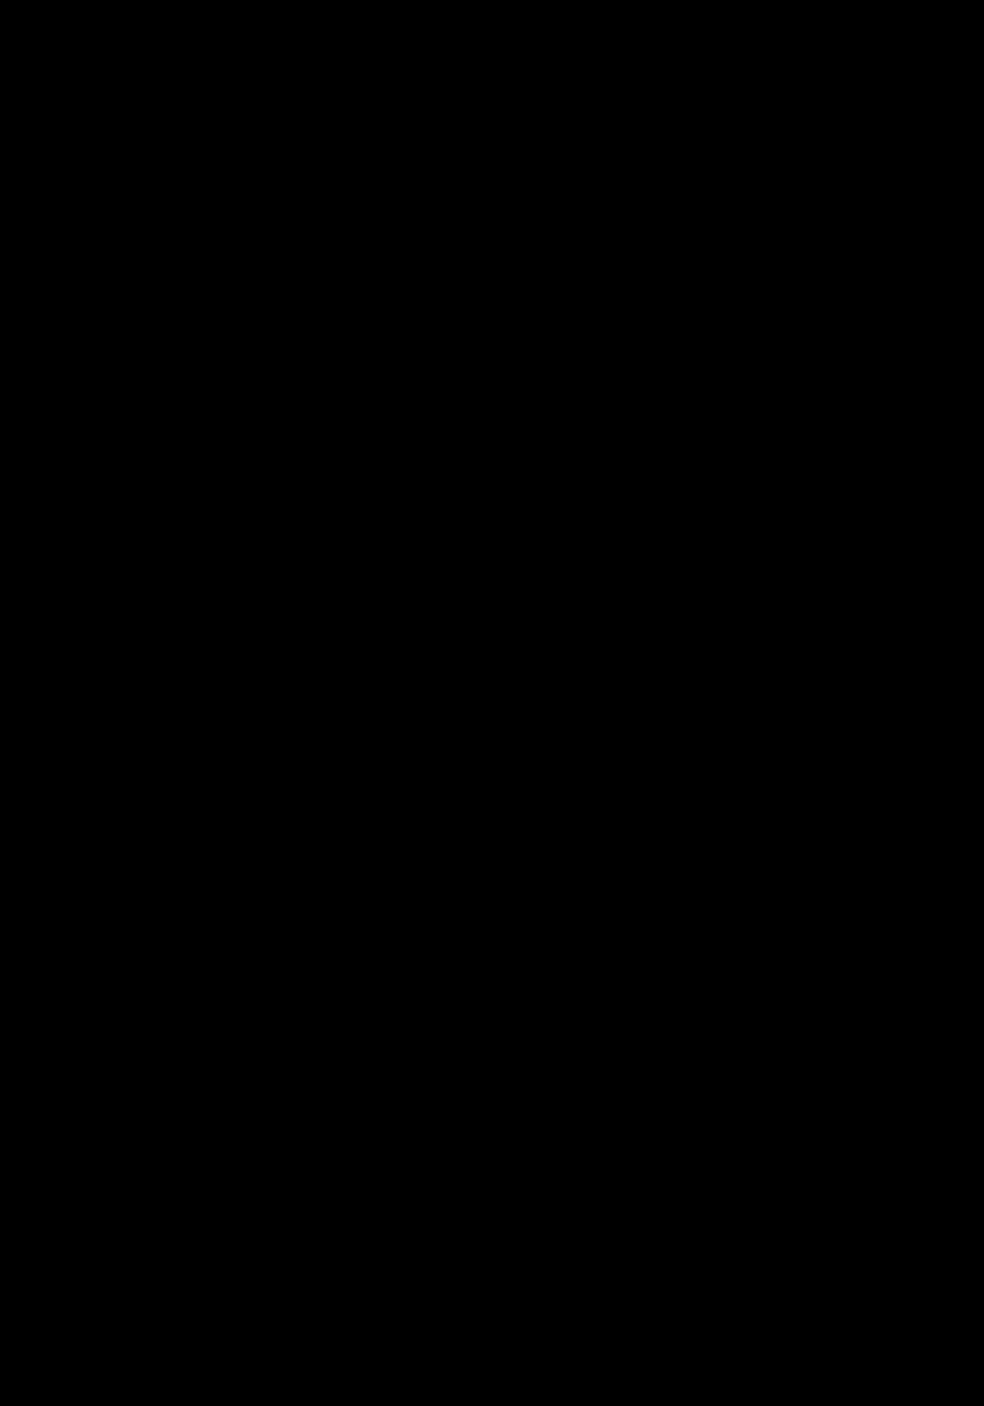 タイポス 88 TY88 縦組見本